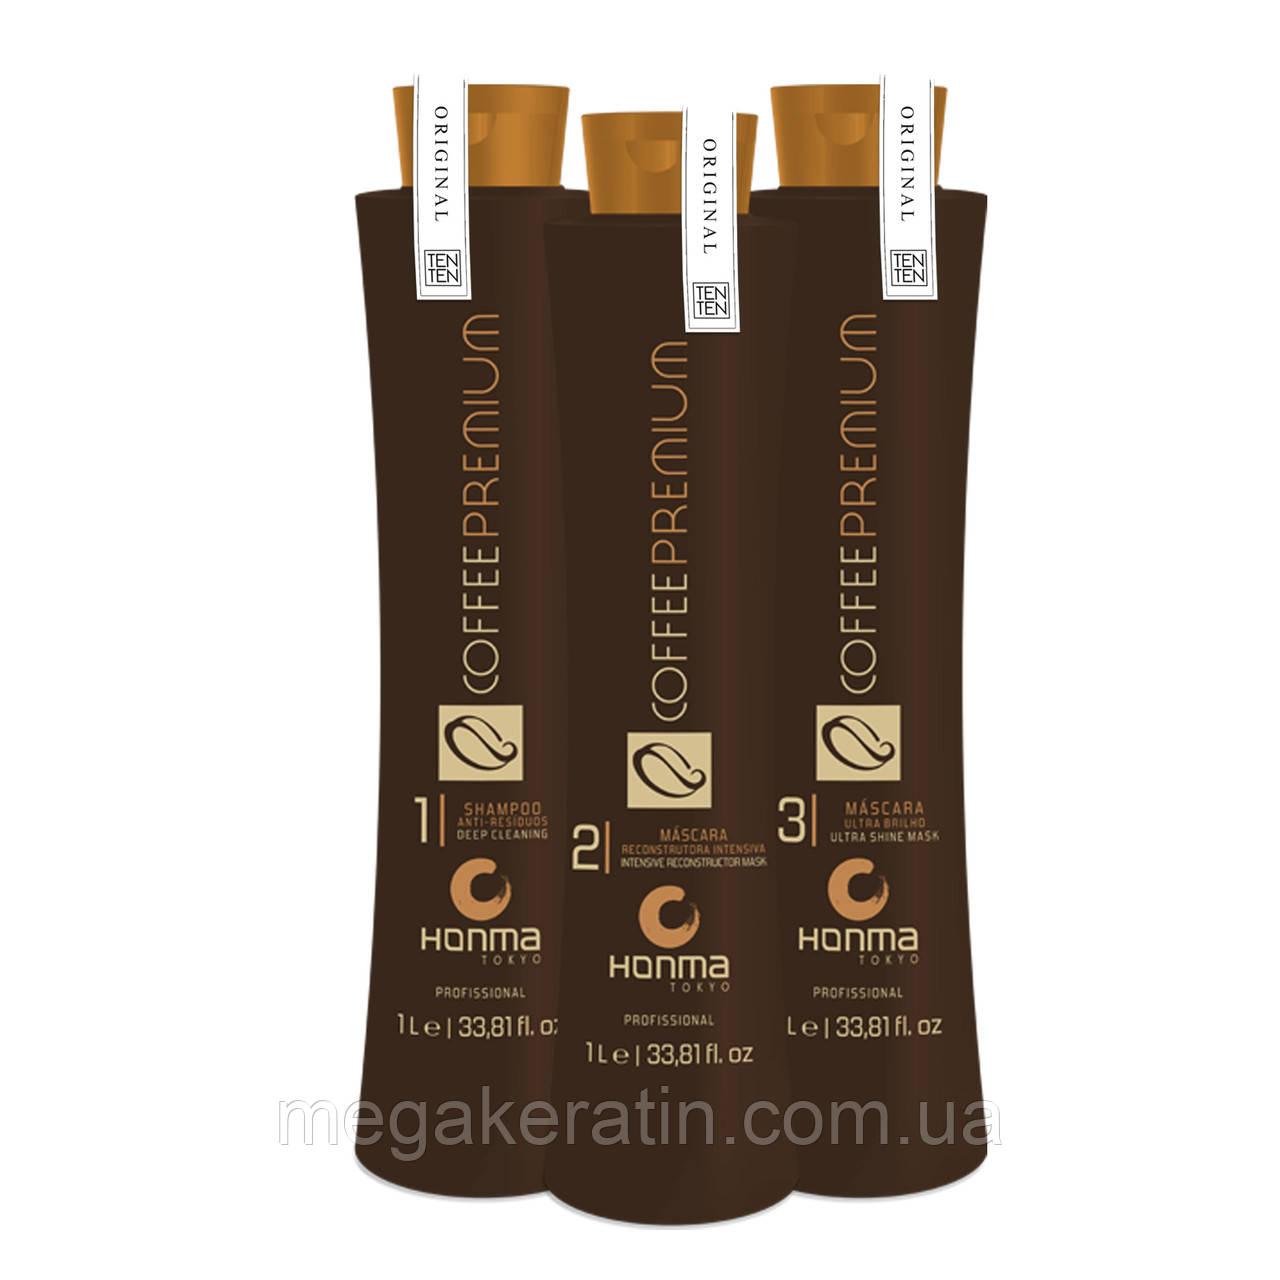 Набор  для кератинового выпрямления Coffee Premium (Кофе Премиум) Honma Tokyo 3х1000 мл